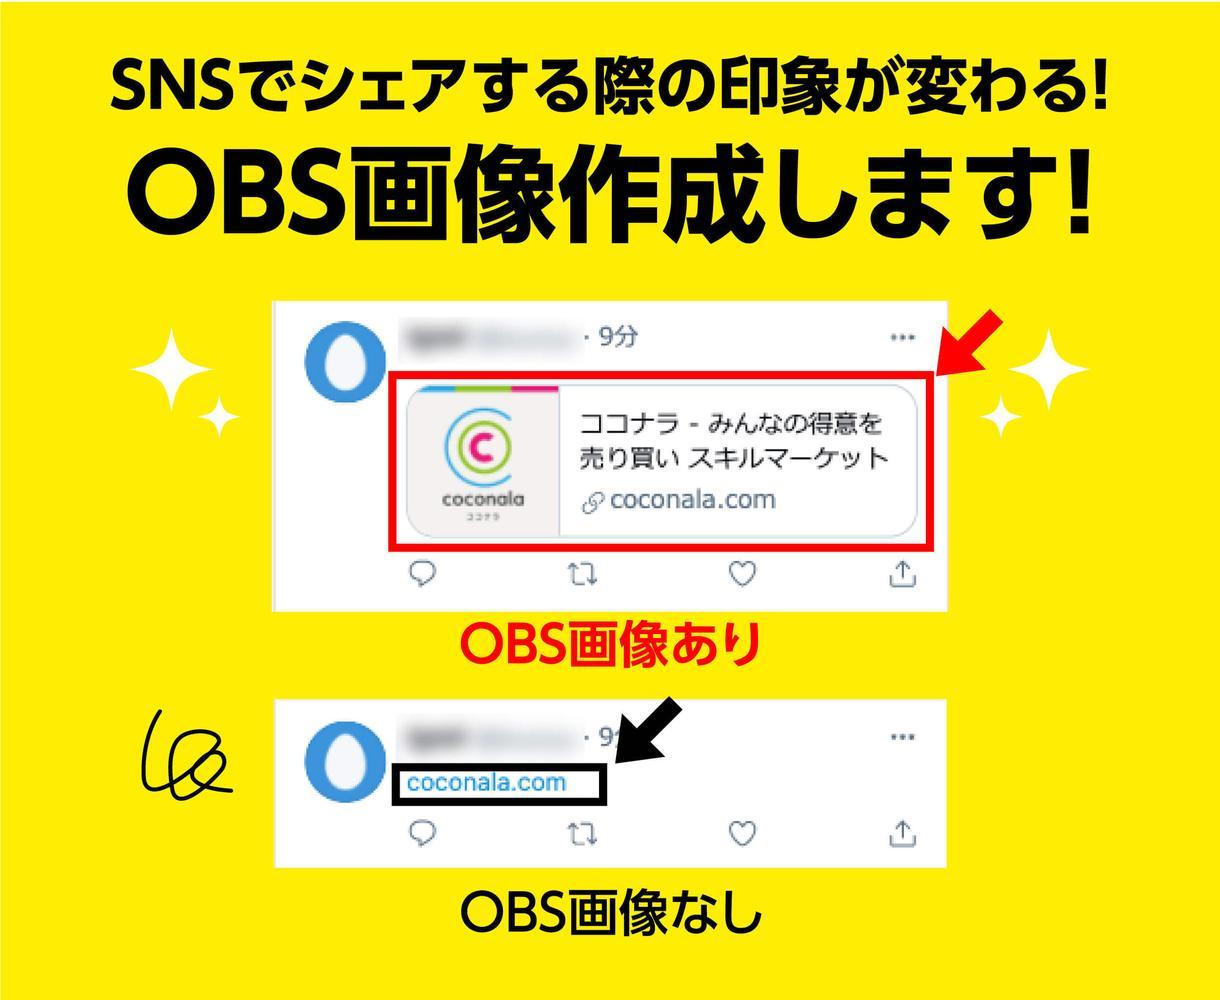 WEBサイトシェア用のサムネイル画像を作成します OGP画像を設置してクリック率アップ! イメージ1